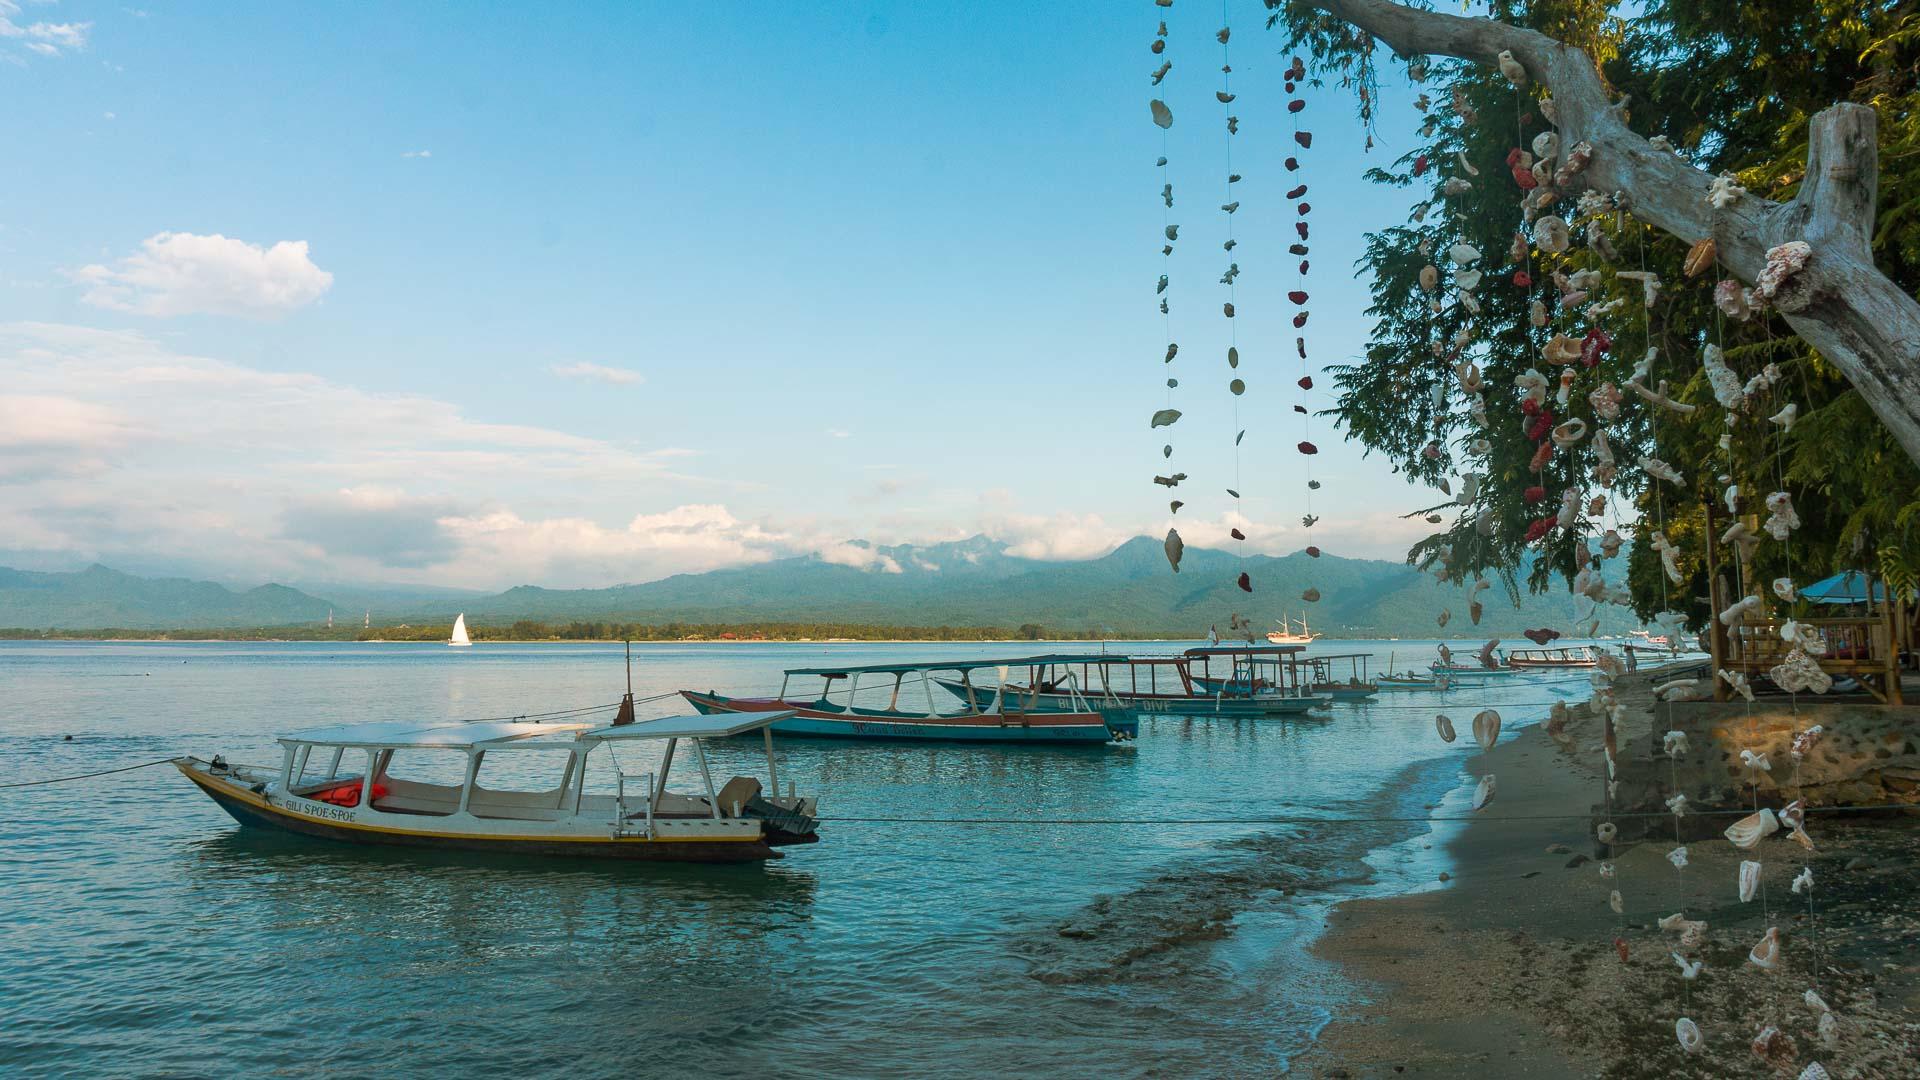 The Gili Islands | Gili Trawangan, Gili Meno and Gili Air